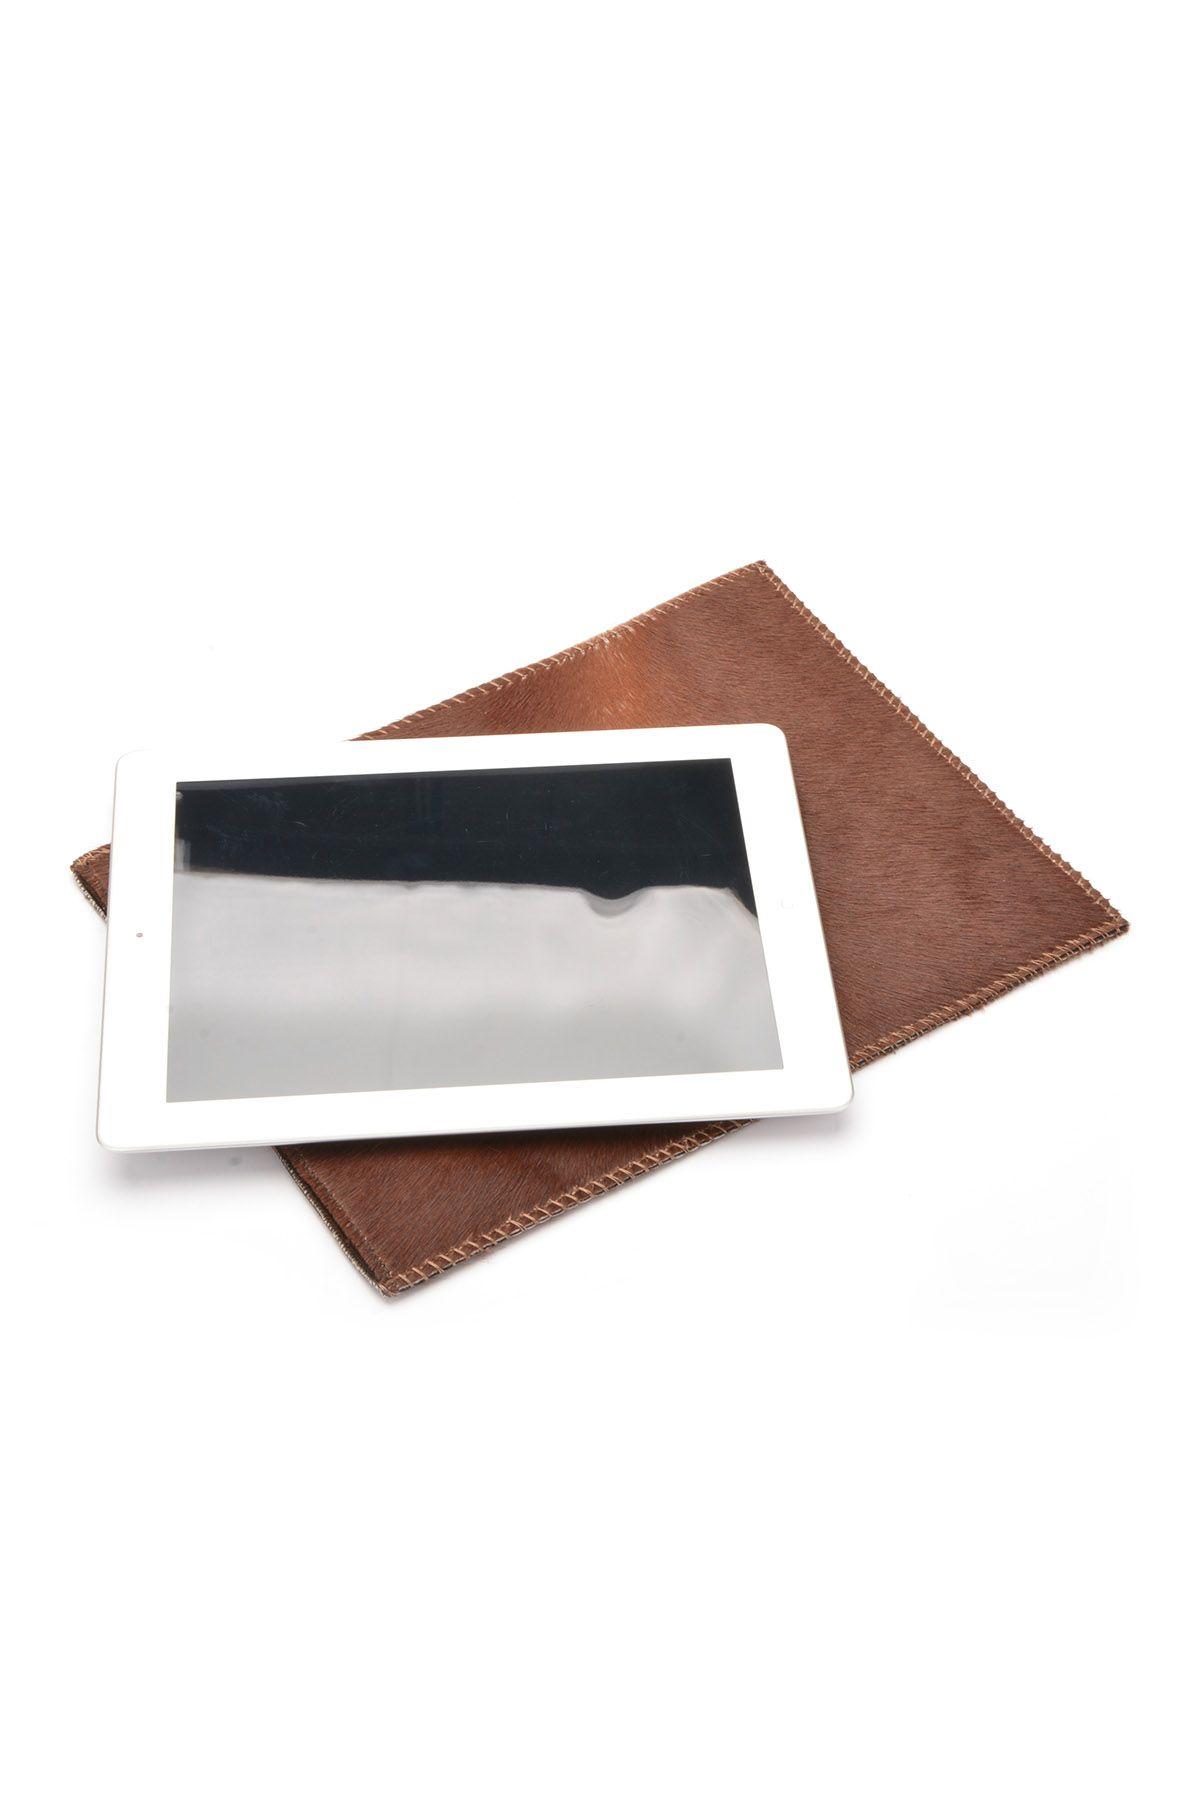 Pegia Hakiki Cavallino Deri Tablet Kılıfı 17AU03 Kahve